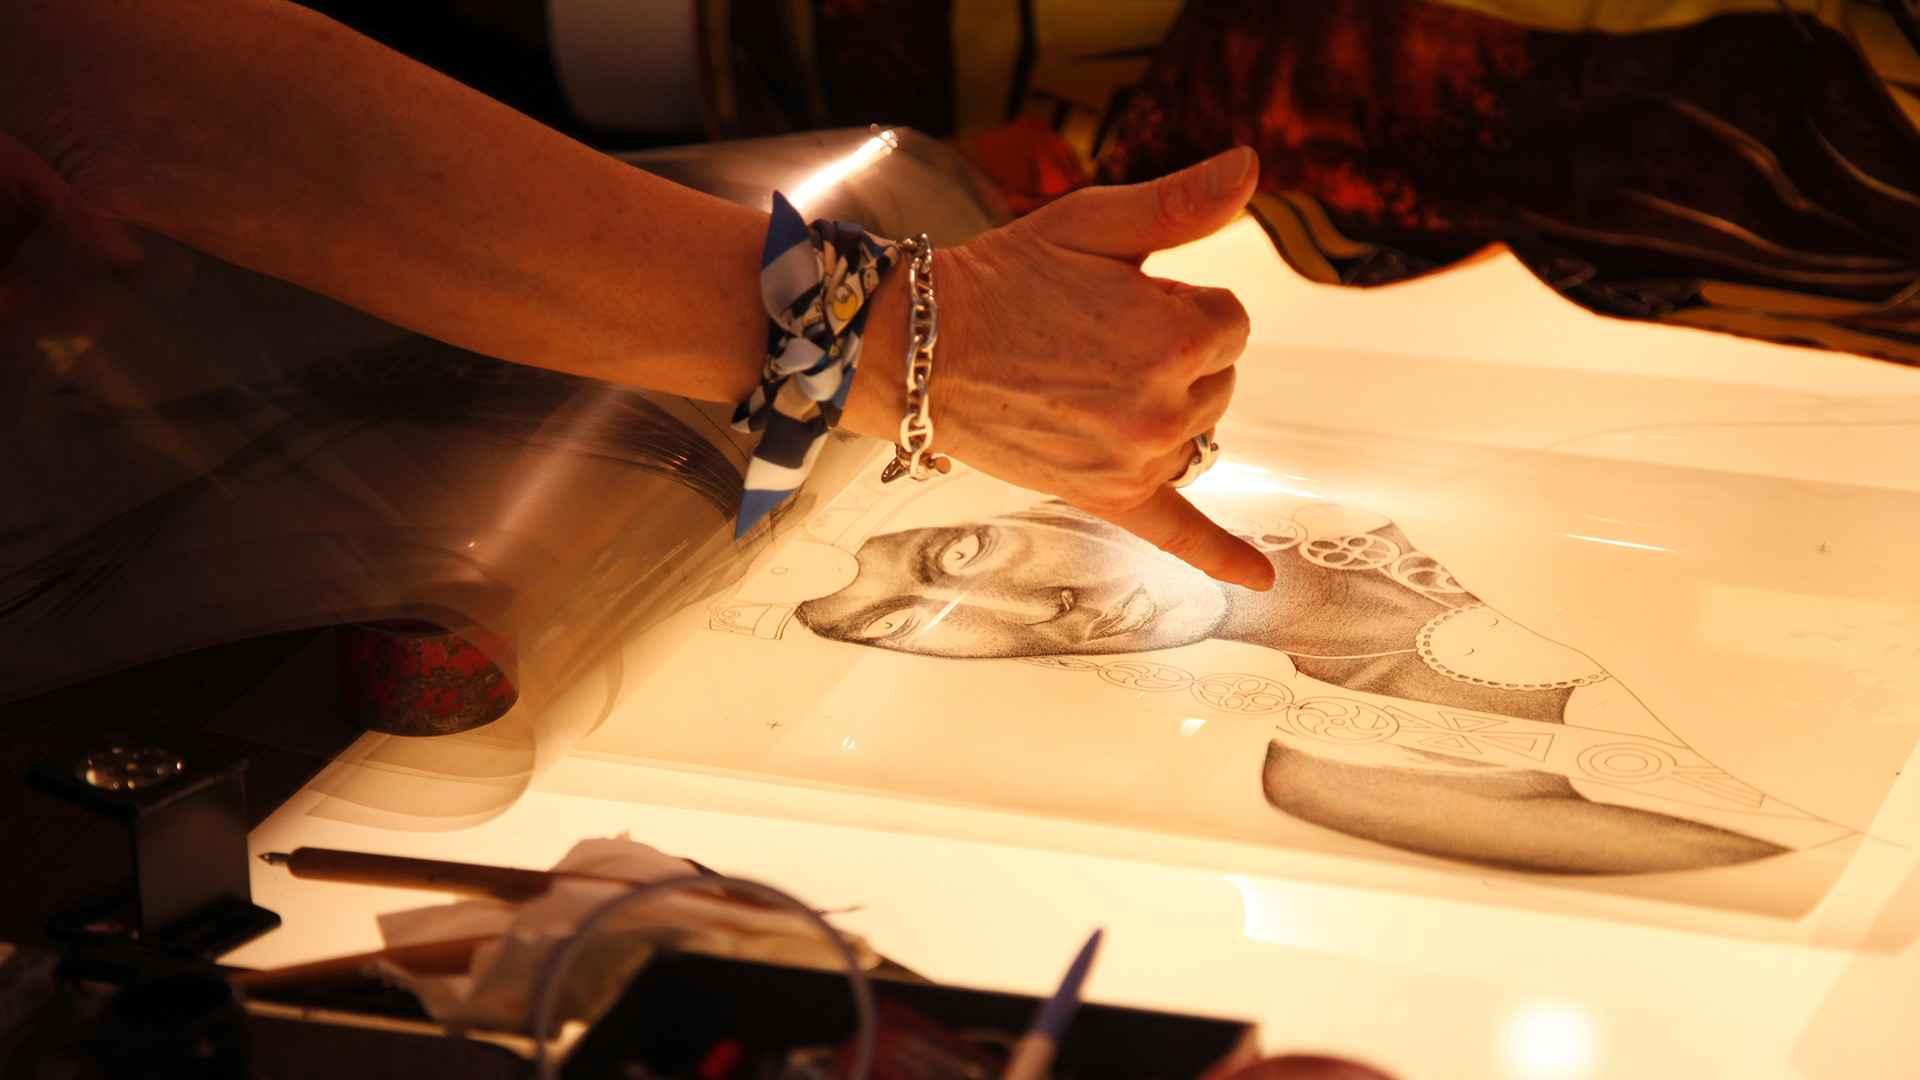 Une gravure qui va servir à fabriquer un cadre sérigraphique à partir duquel la soie sera imprimée. (Source: Hermès)